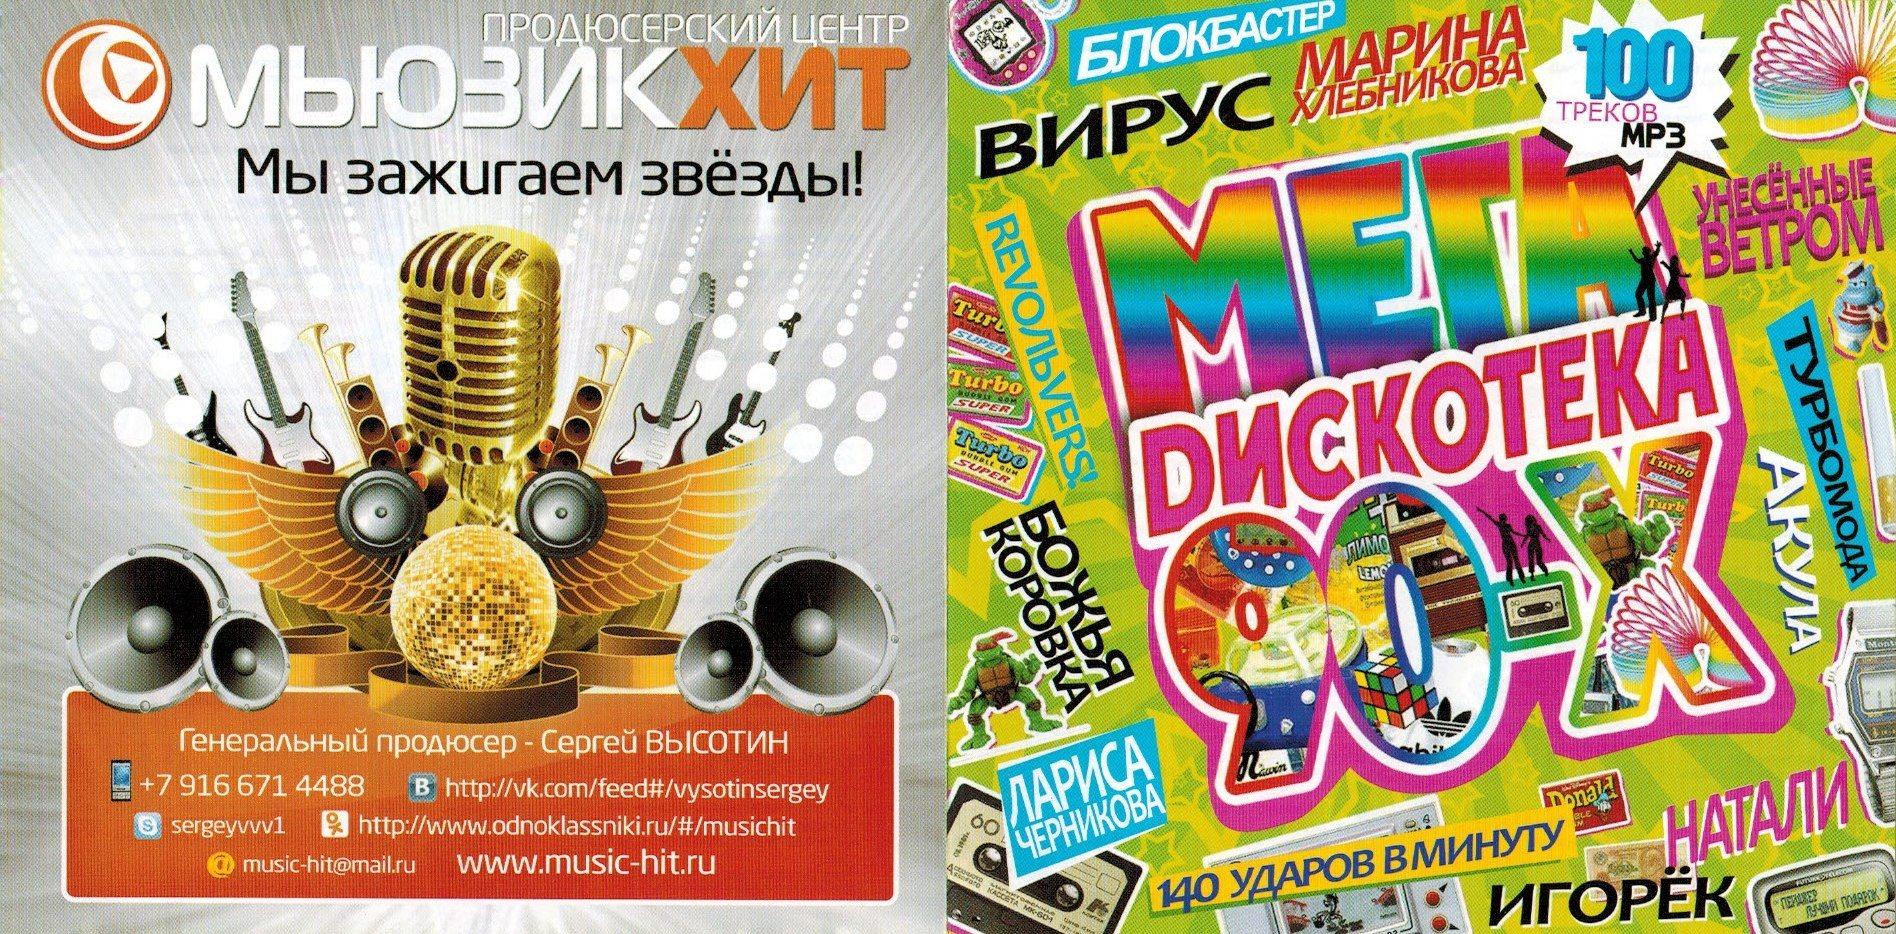 http://i4.imageban.ru/out/2014/08/01/07c68167341a0567d094125c58814a95.jpg